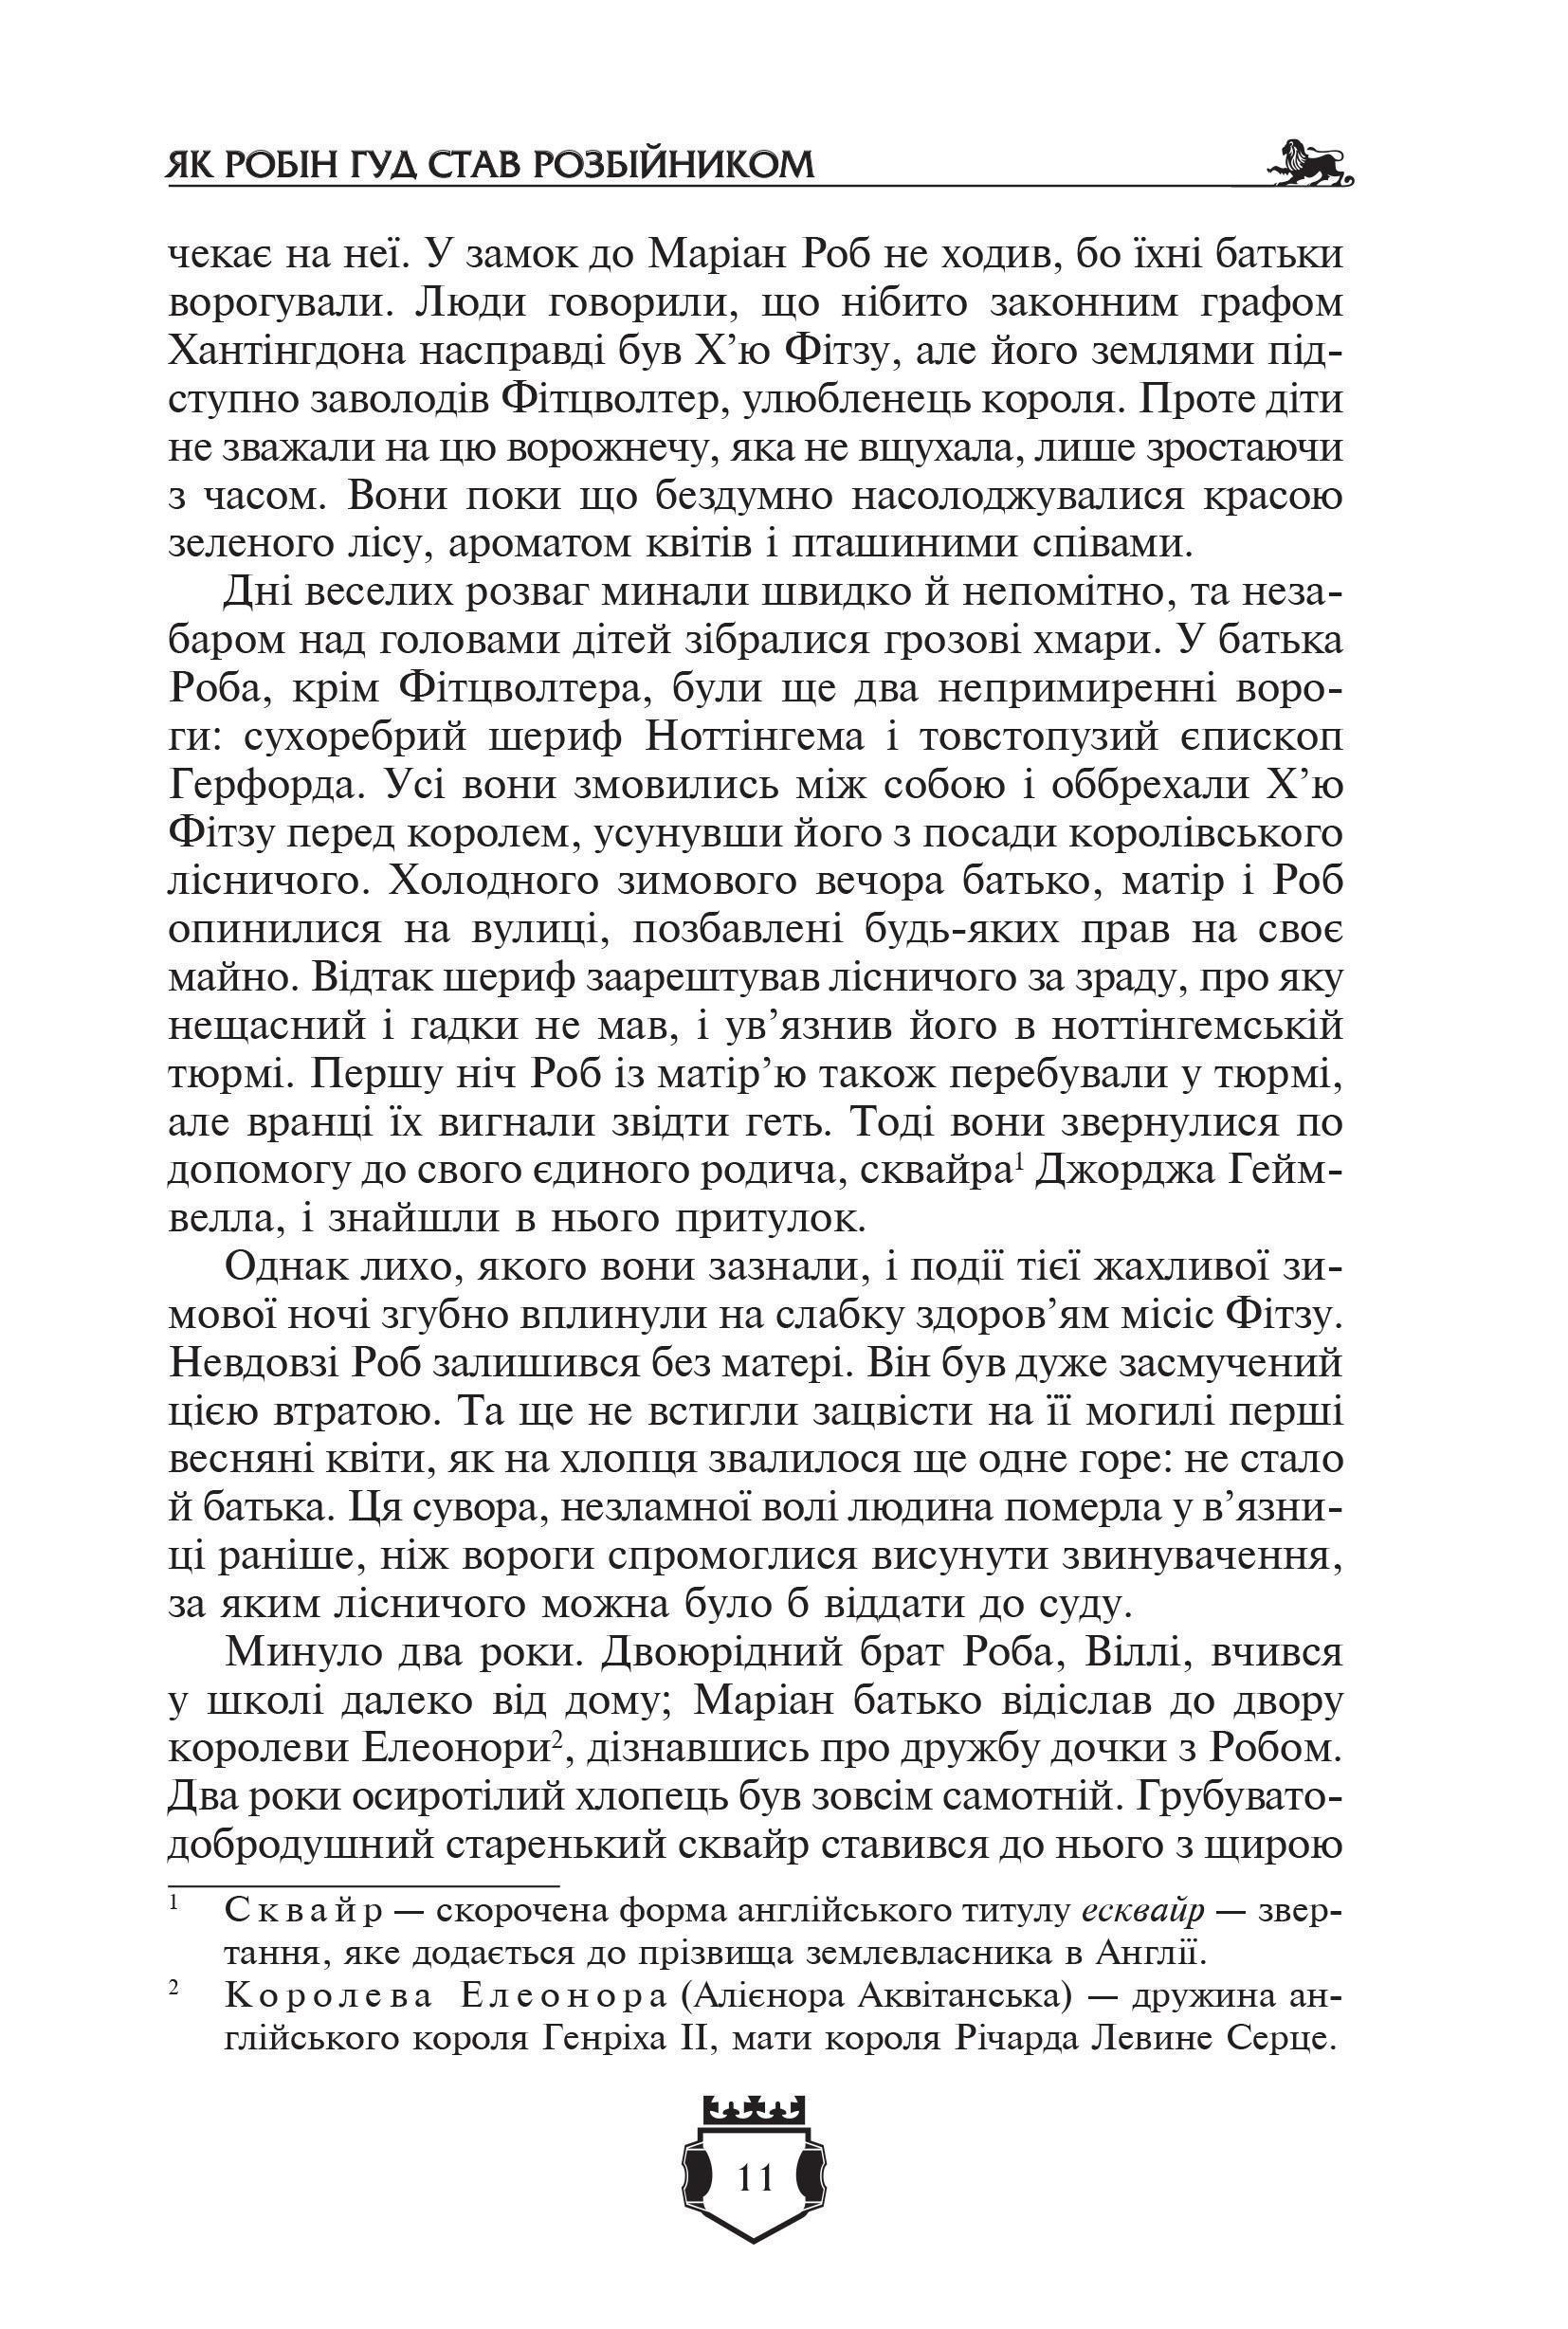 Робін гуд. Айвенго, Чарльз Вільсон, Вальтер Скотт 528 стр